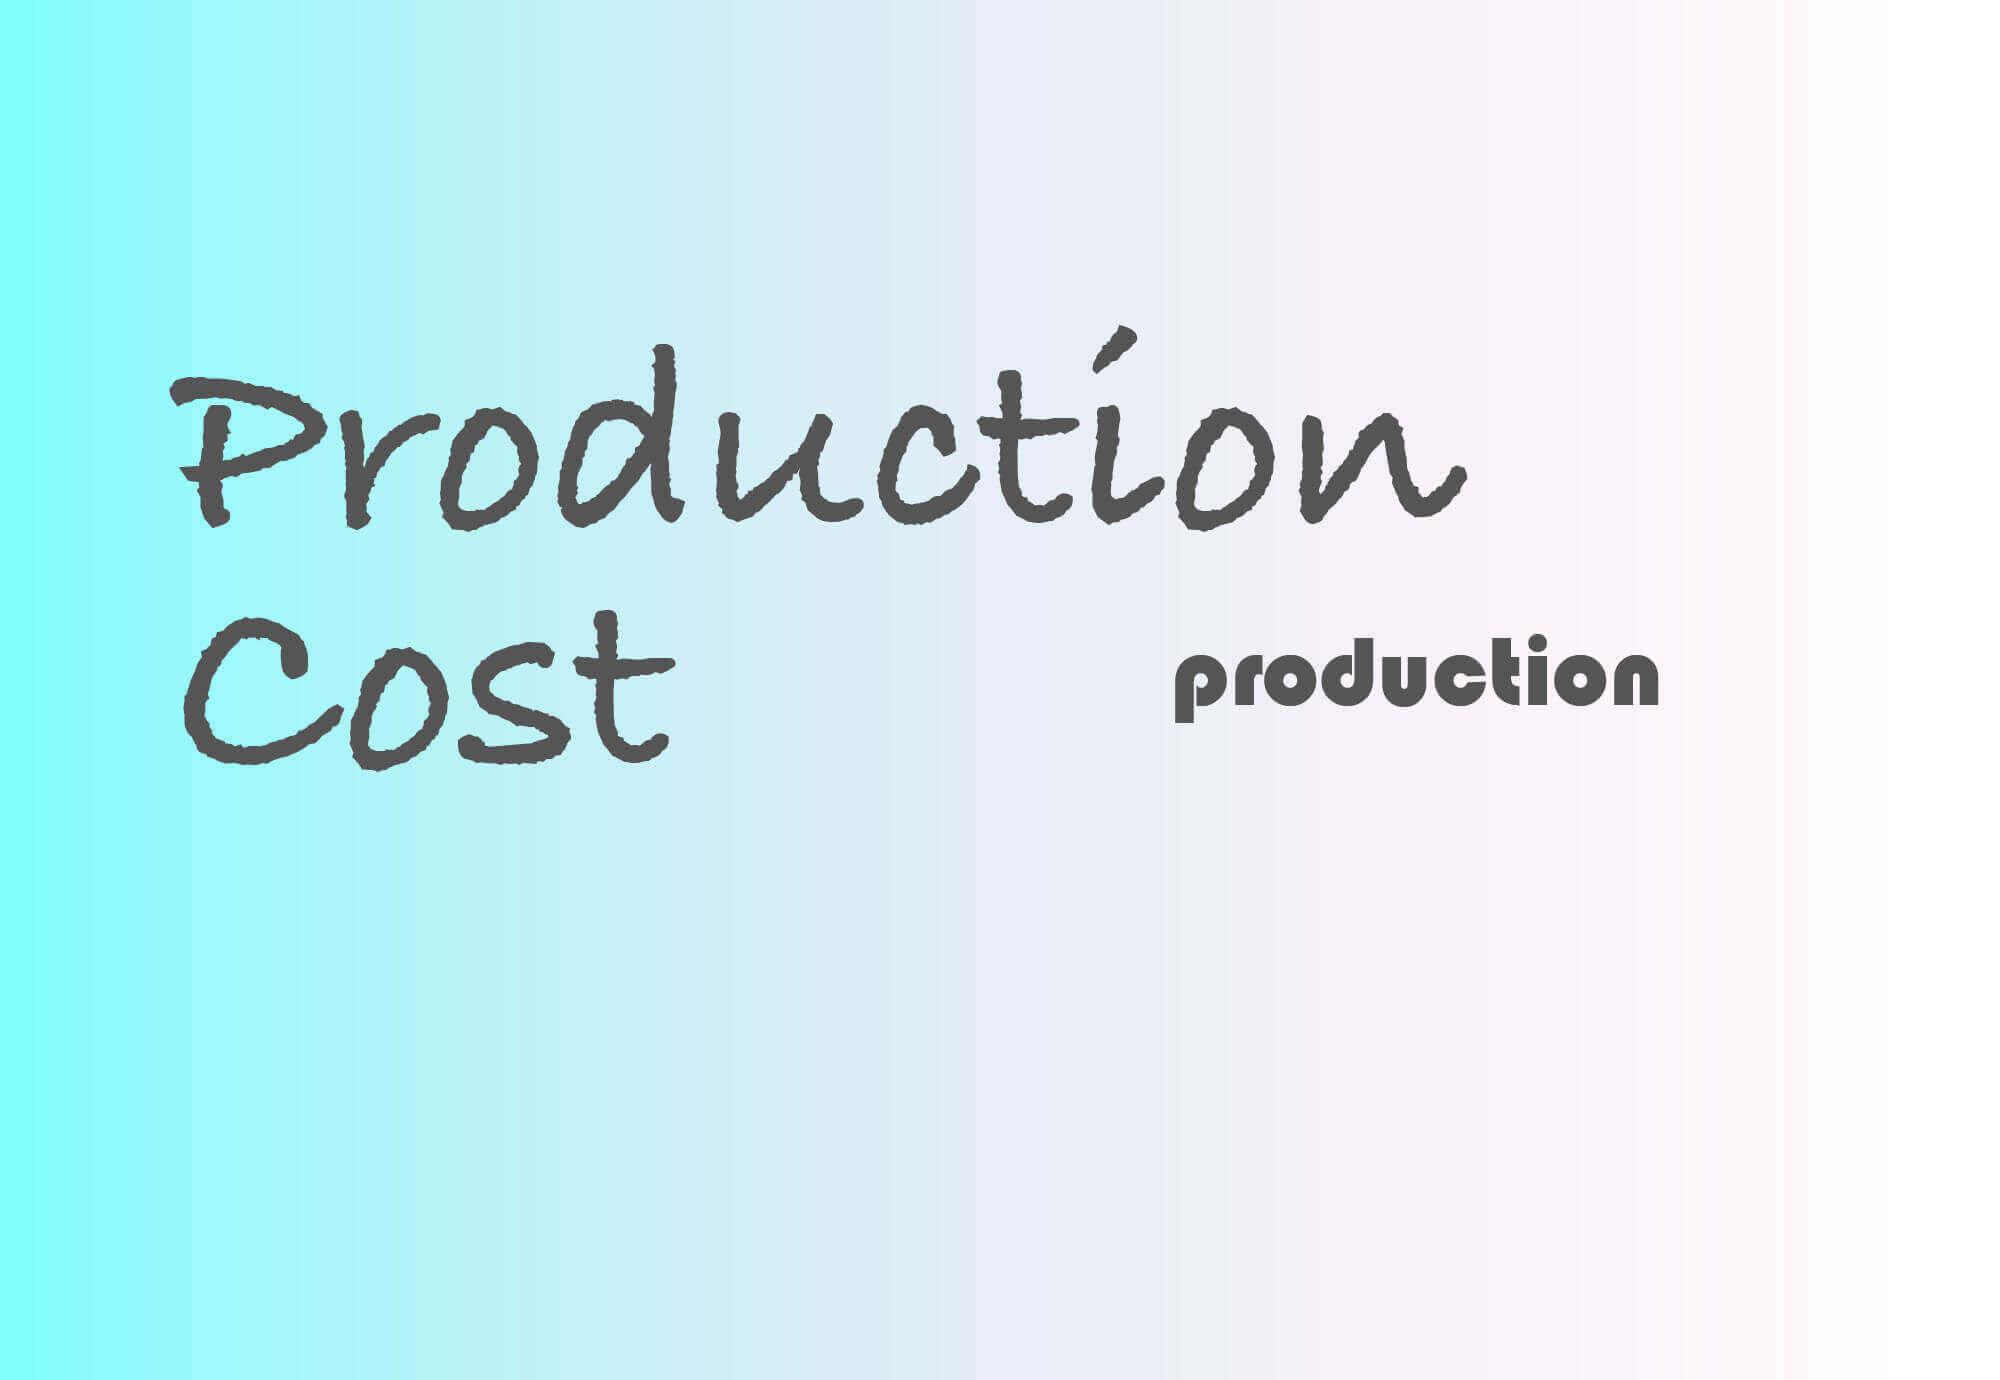 Production-costと書いてあるリンクのバナー